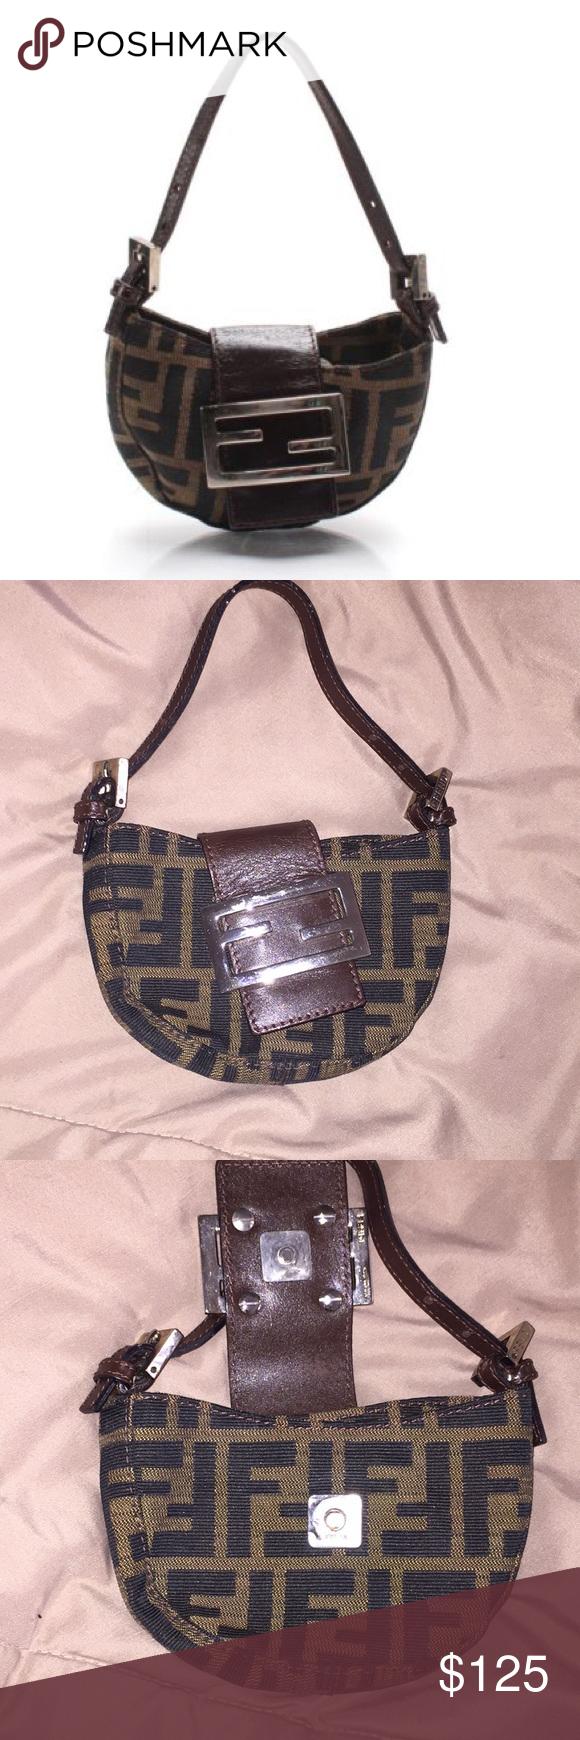 dbf2229c8ec FENDI Monogram Zucca Pattern Canvas Baguette DESCRIPTION  Cute little wrist  bag that will fit only